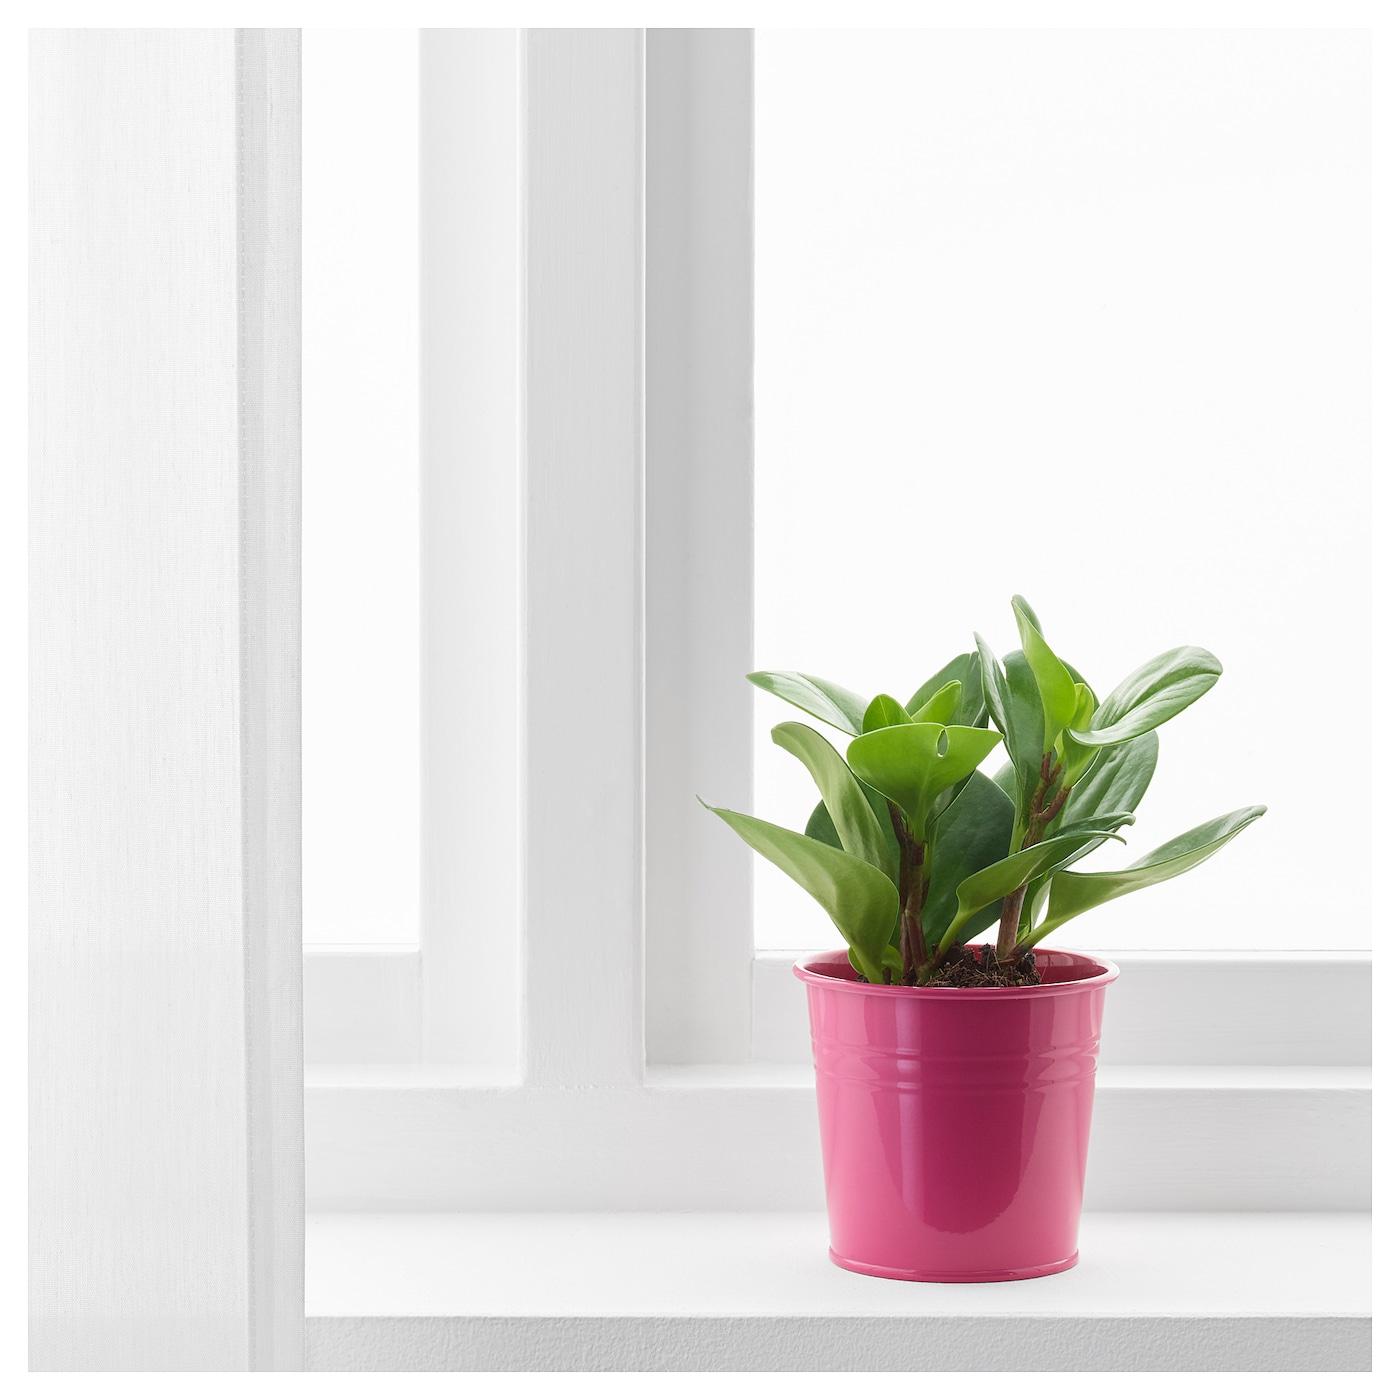 socker cache pot int rieur ext rieur rose 9 cm ikea. Black Bedroom Furniture Sets. Home Design Ideas